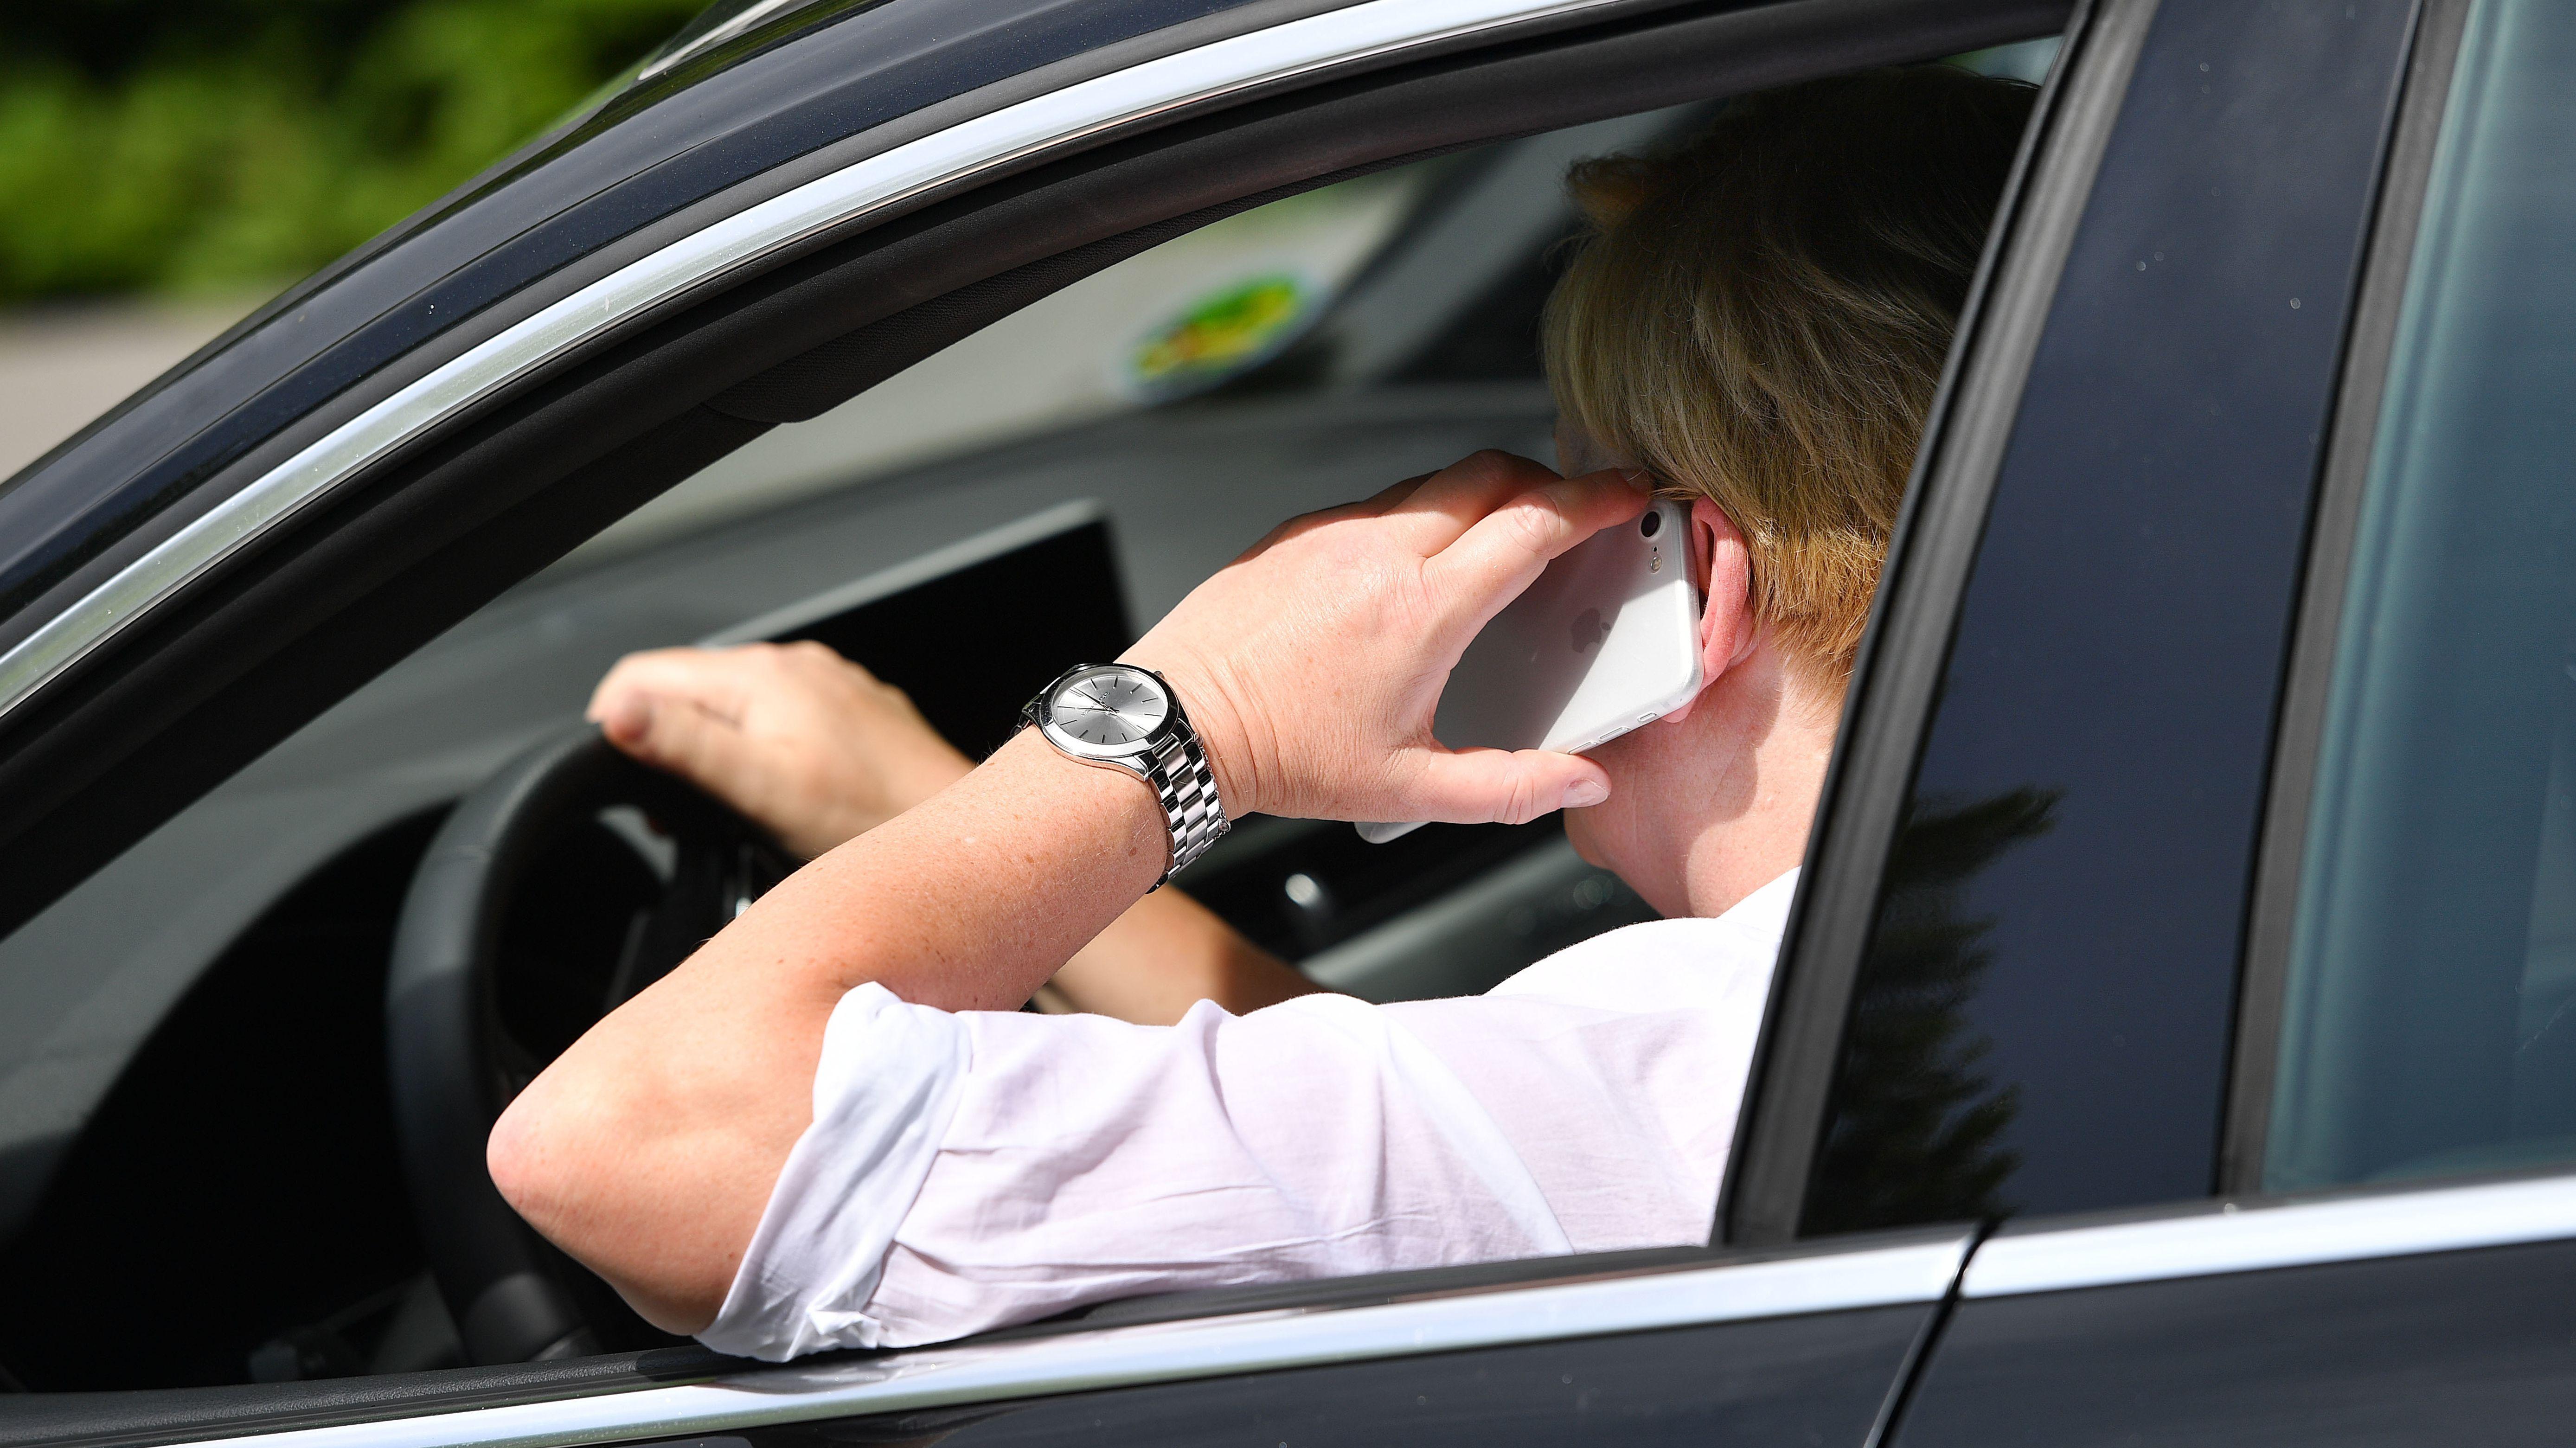 Benutzung eines Mobiltelefons am Steuer eines Pkw